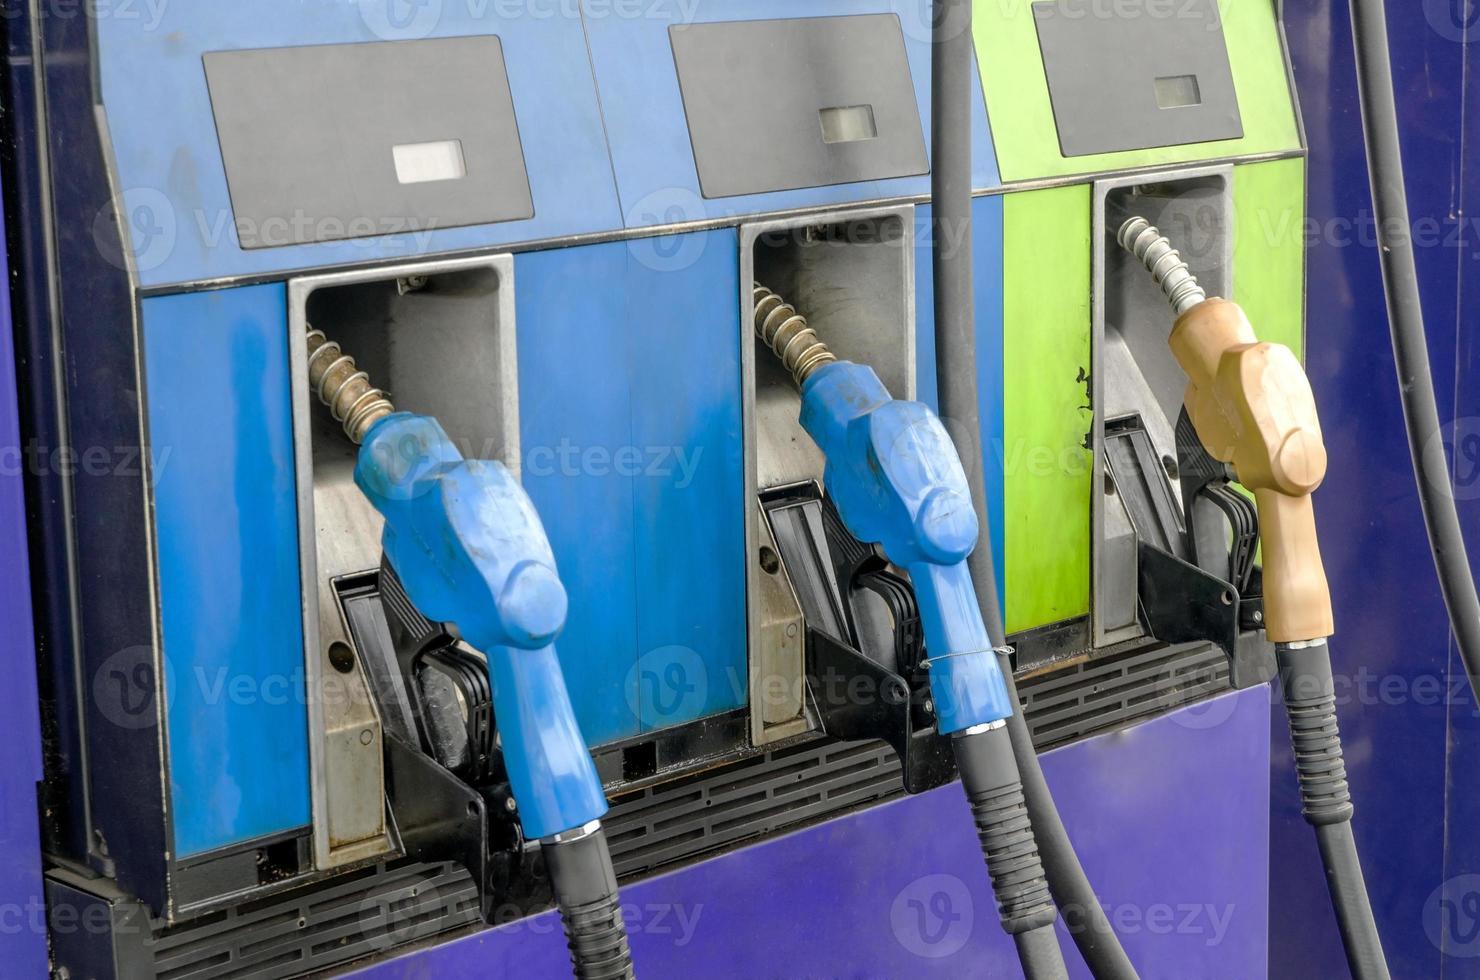 vier benzinepompen, close up foto